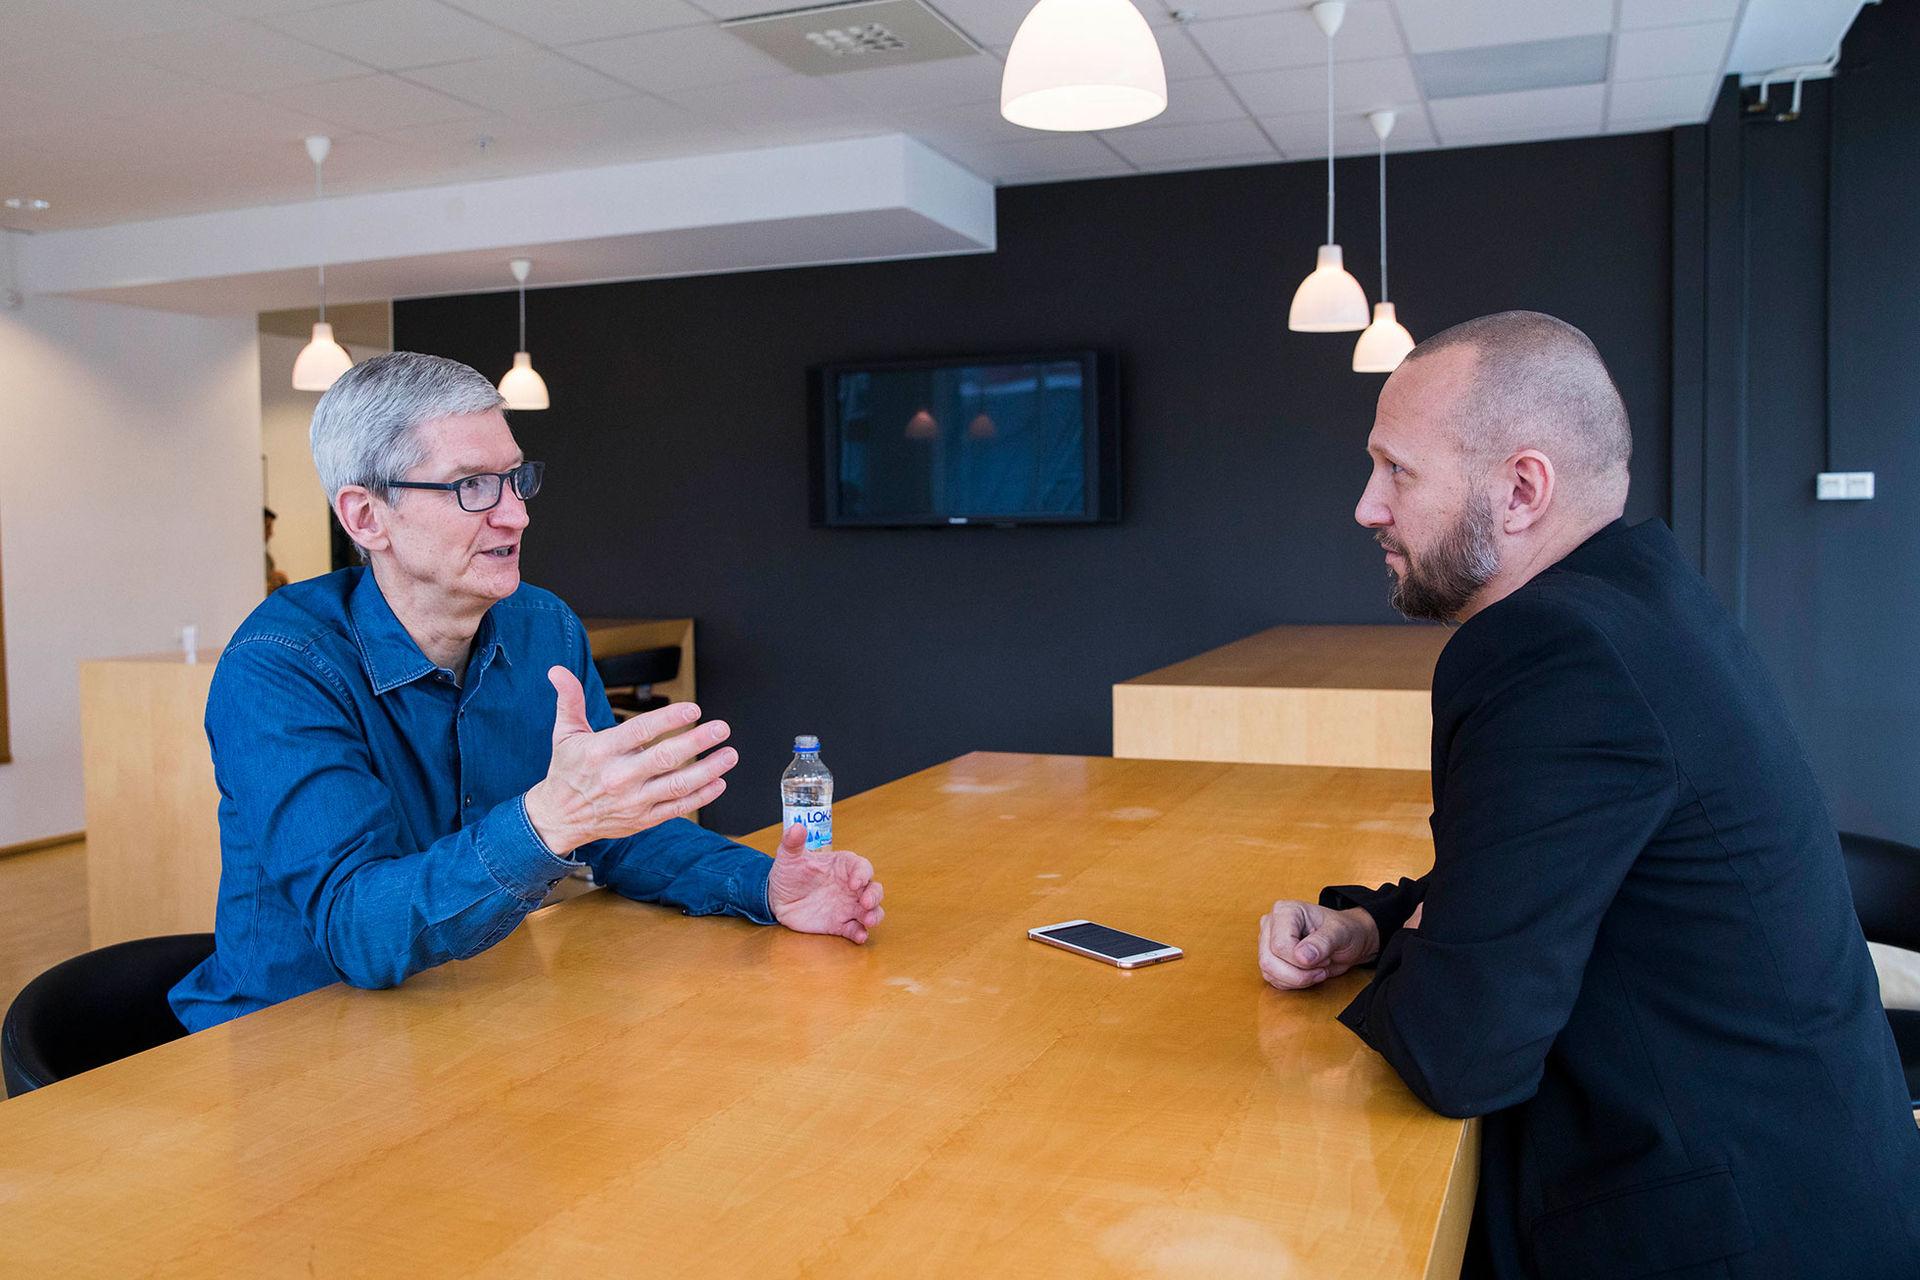 Vi har pratat med Tim Cook om framtiden för AR